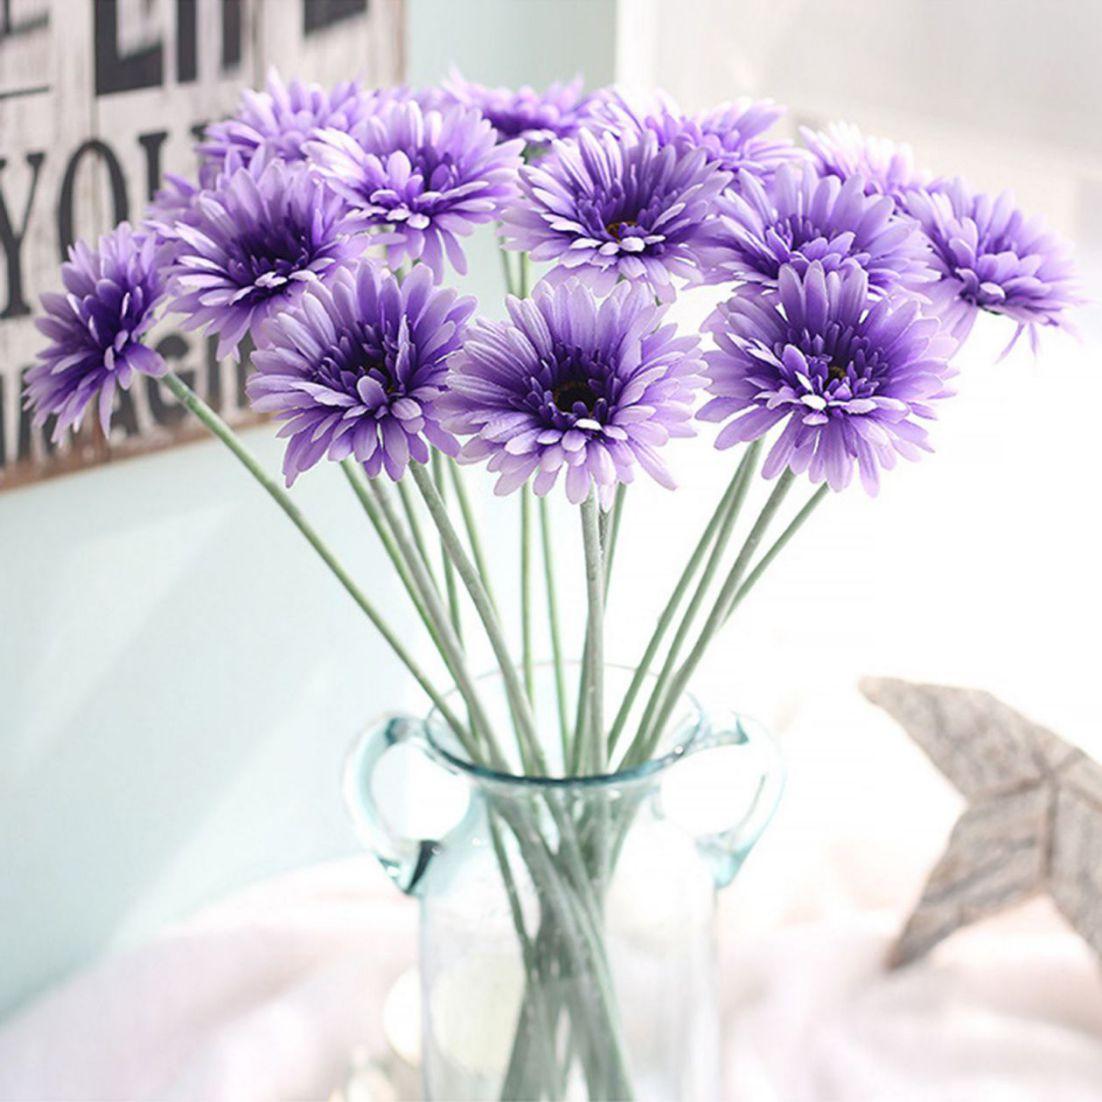 Có thể trang trí phòng ngủ bằng những mẫu hoa giả, hoa vải để tạo điểm nhấn riêng